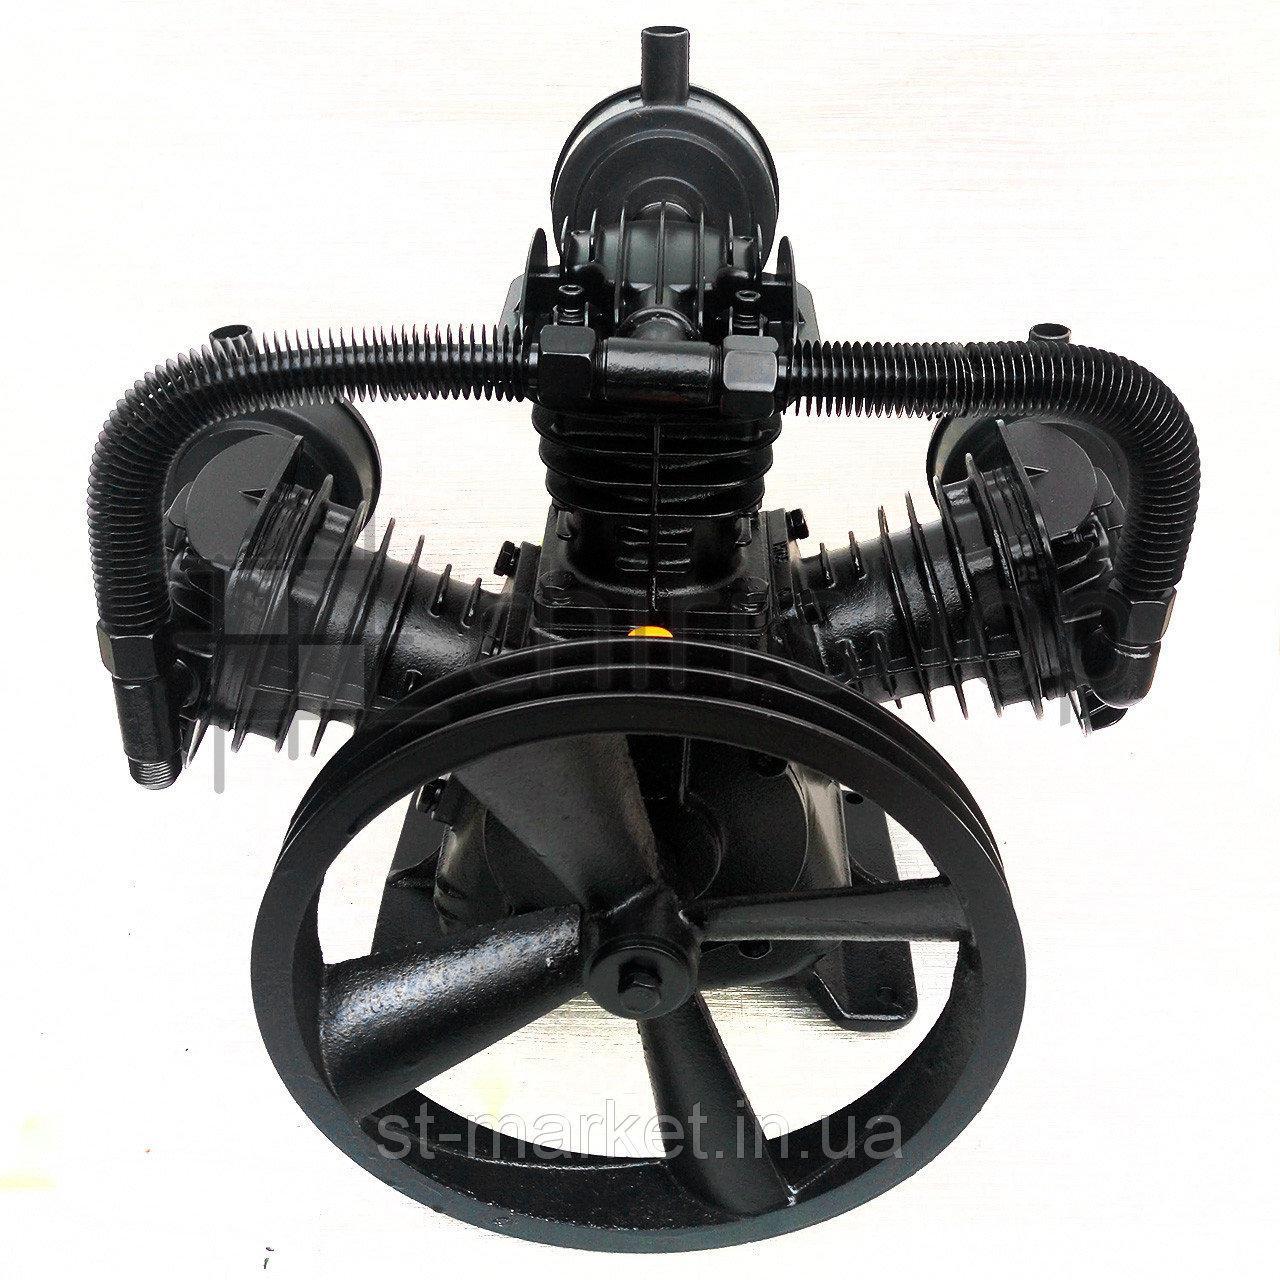 Поршневой блок AL-FA для компрессоров ALV3090A 90мм